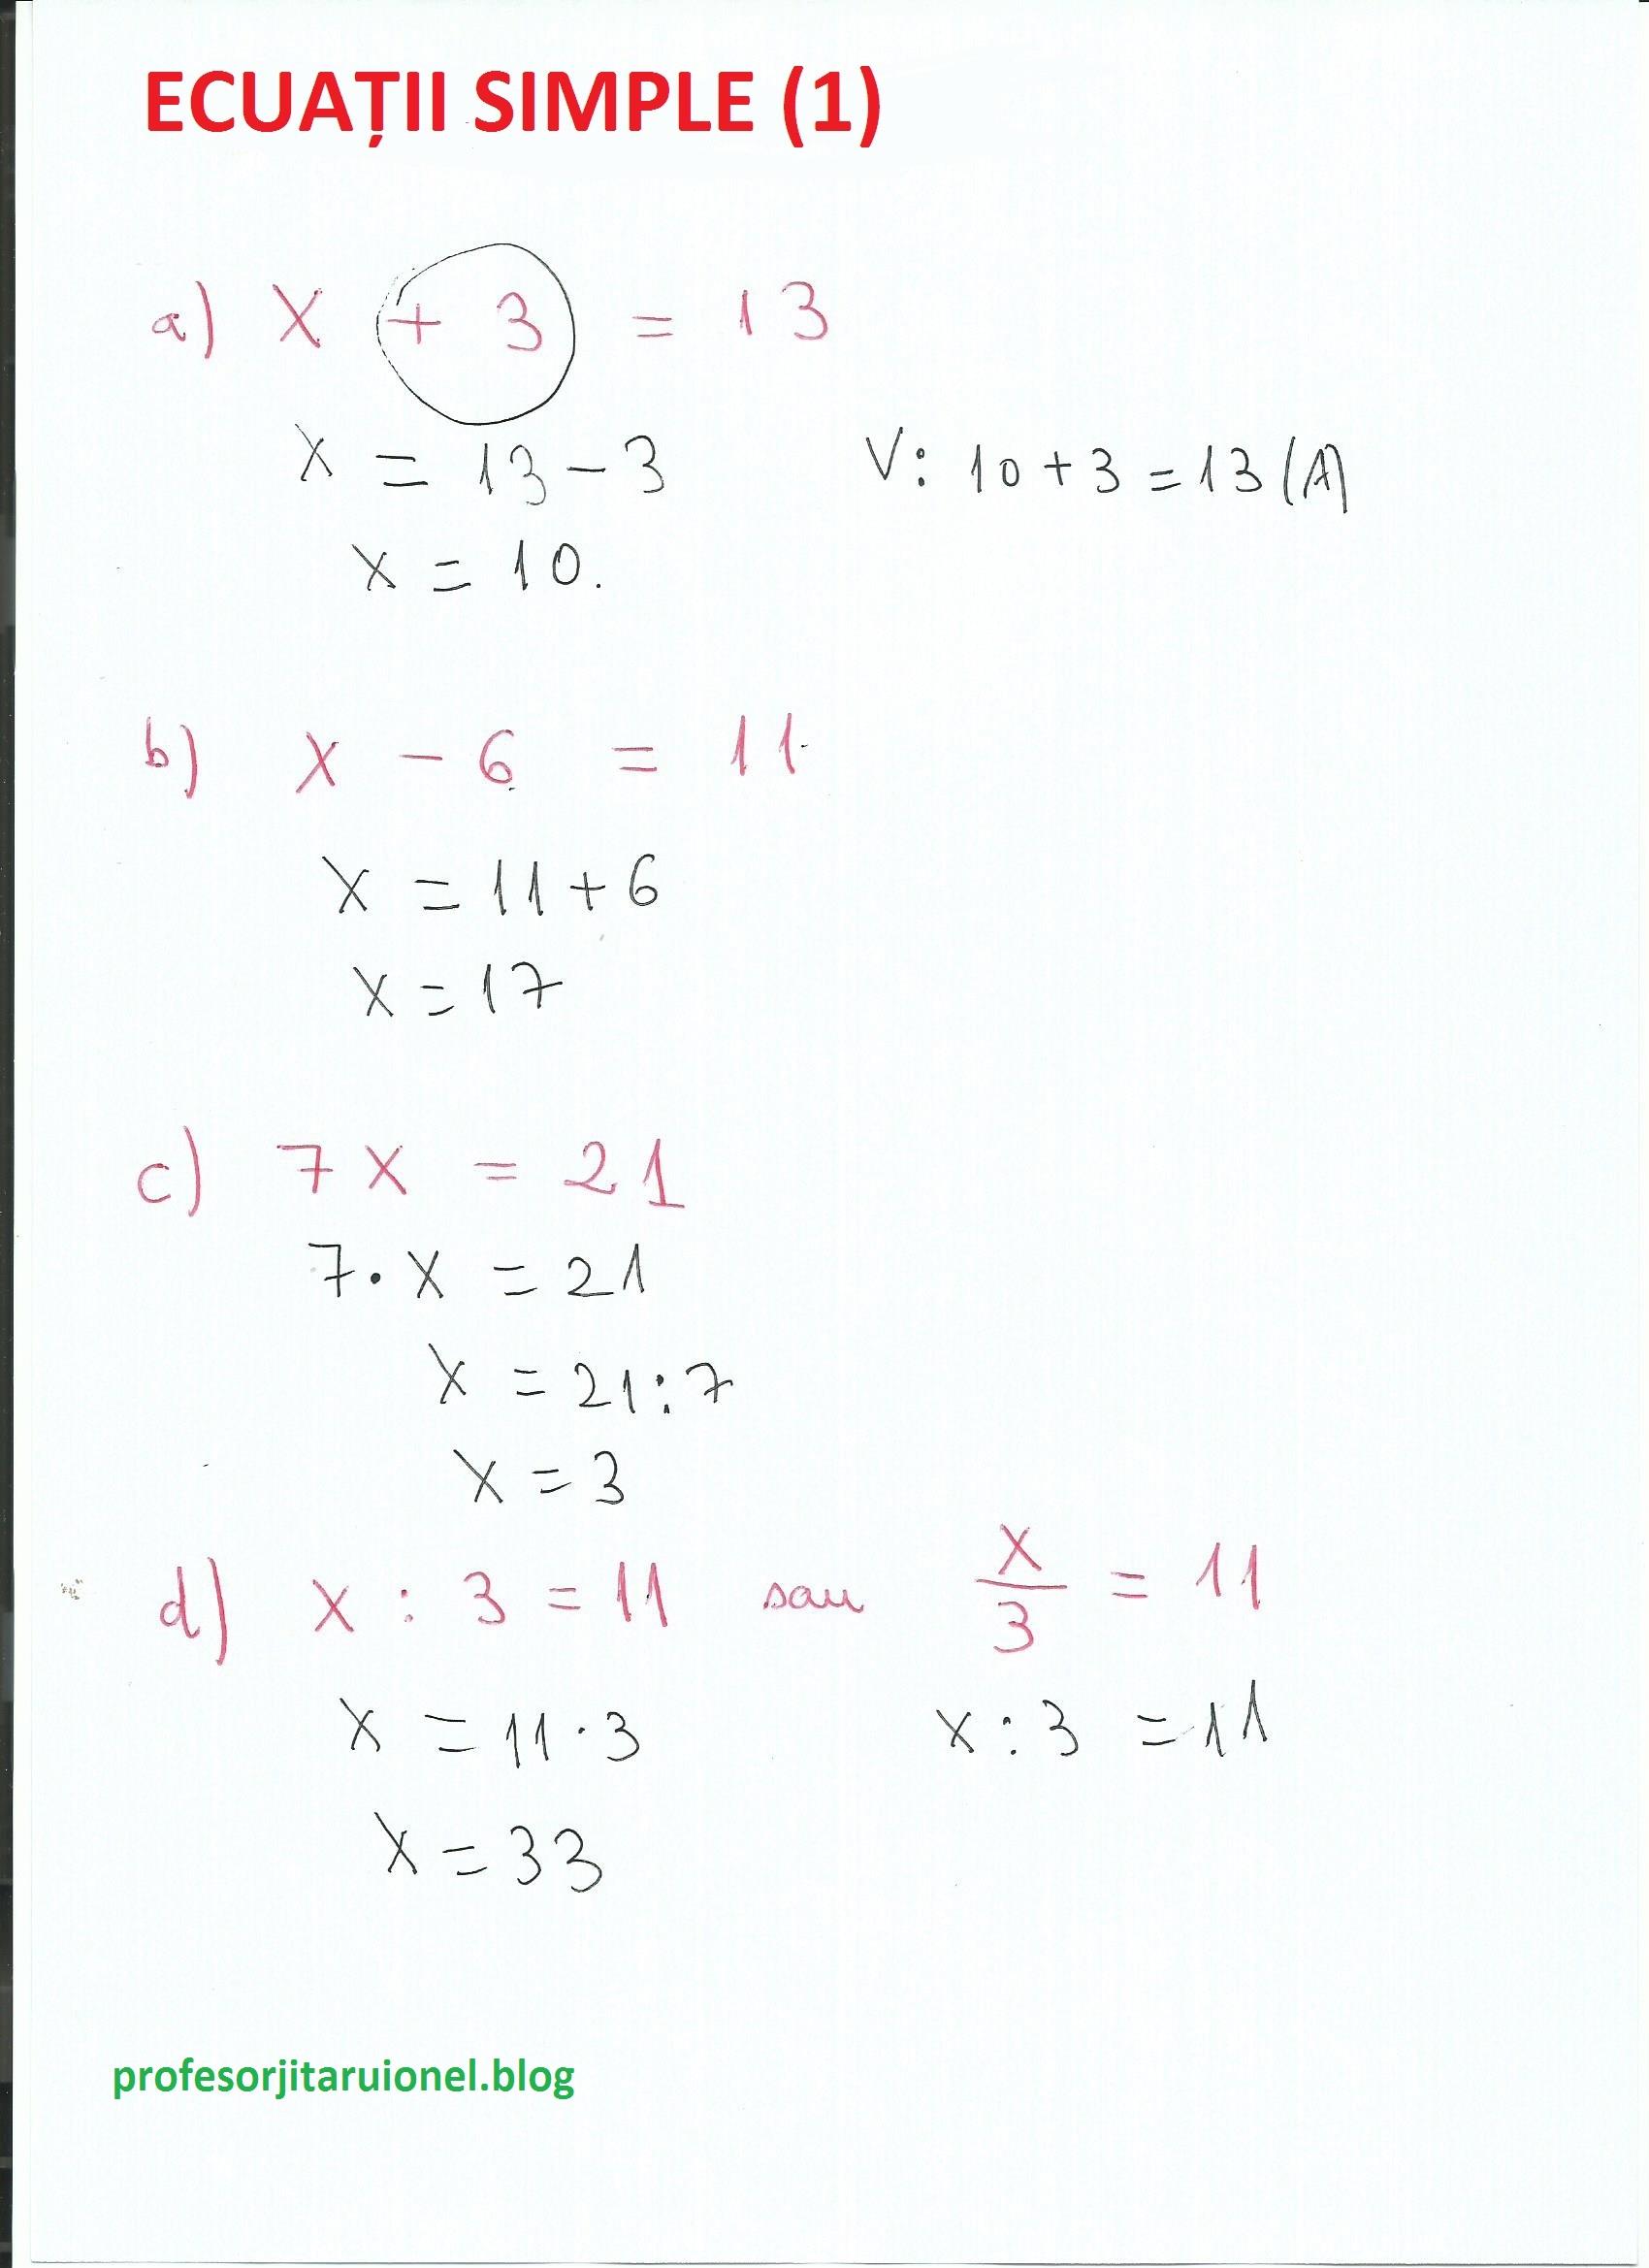 Exemple de ecuatii simple (1) + fisa de lucru cu ecuatii